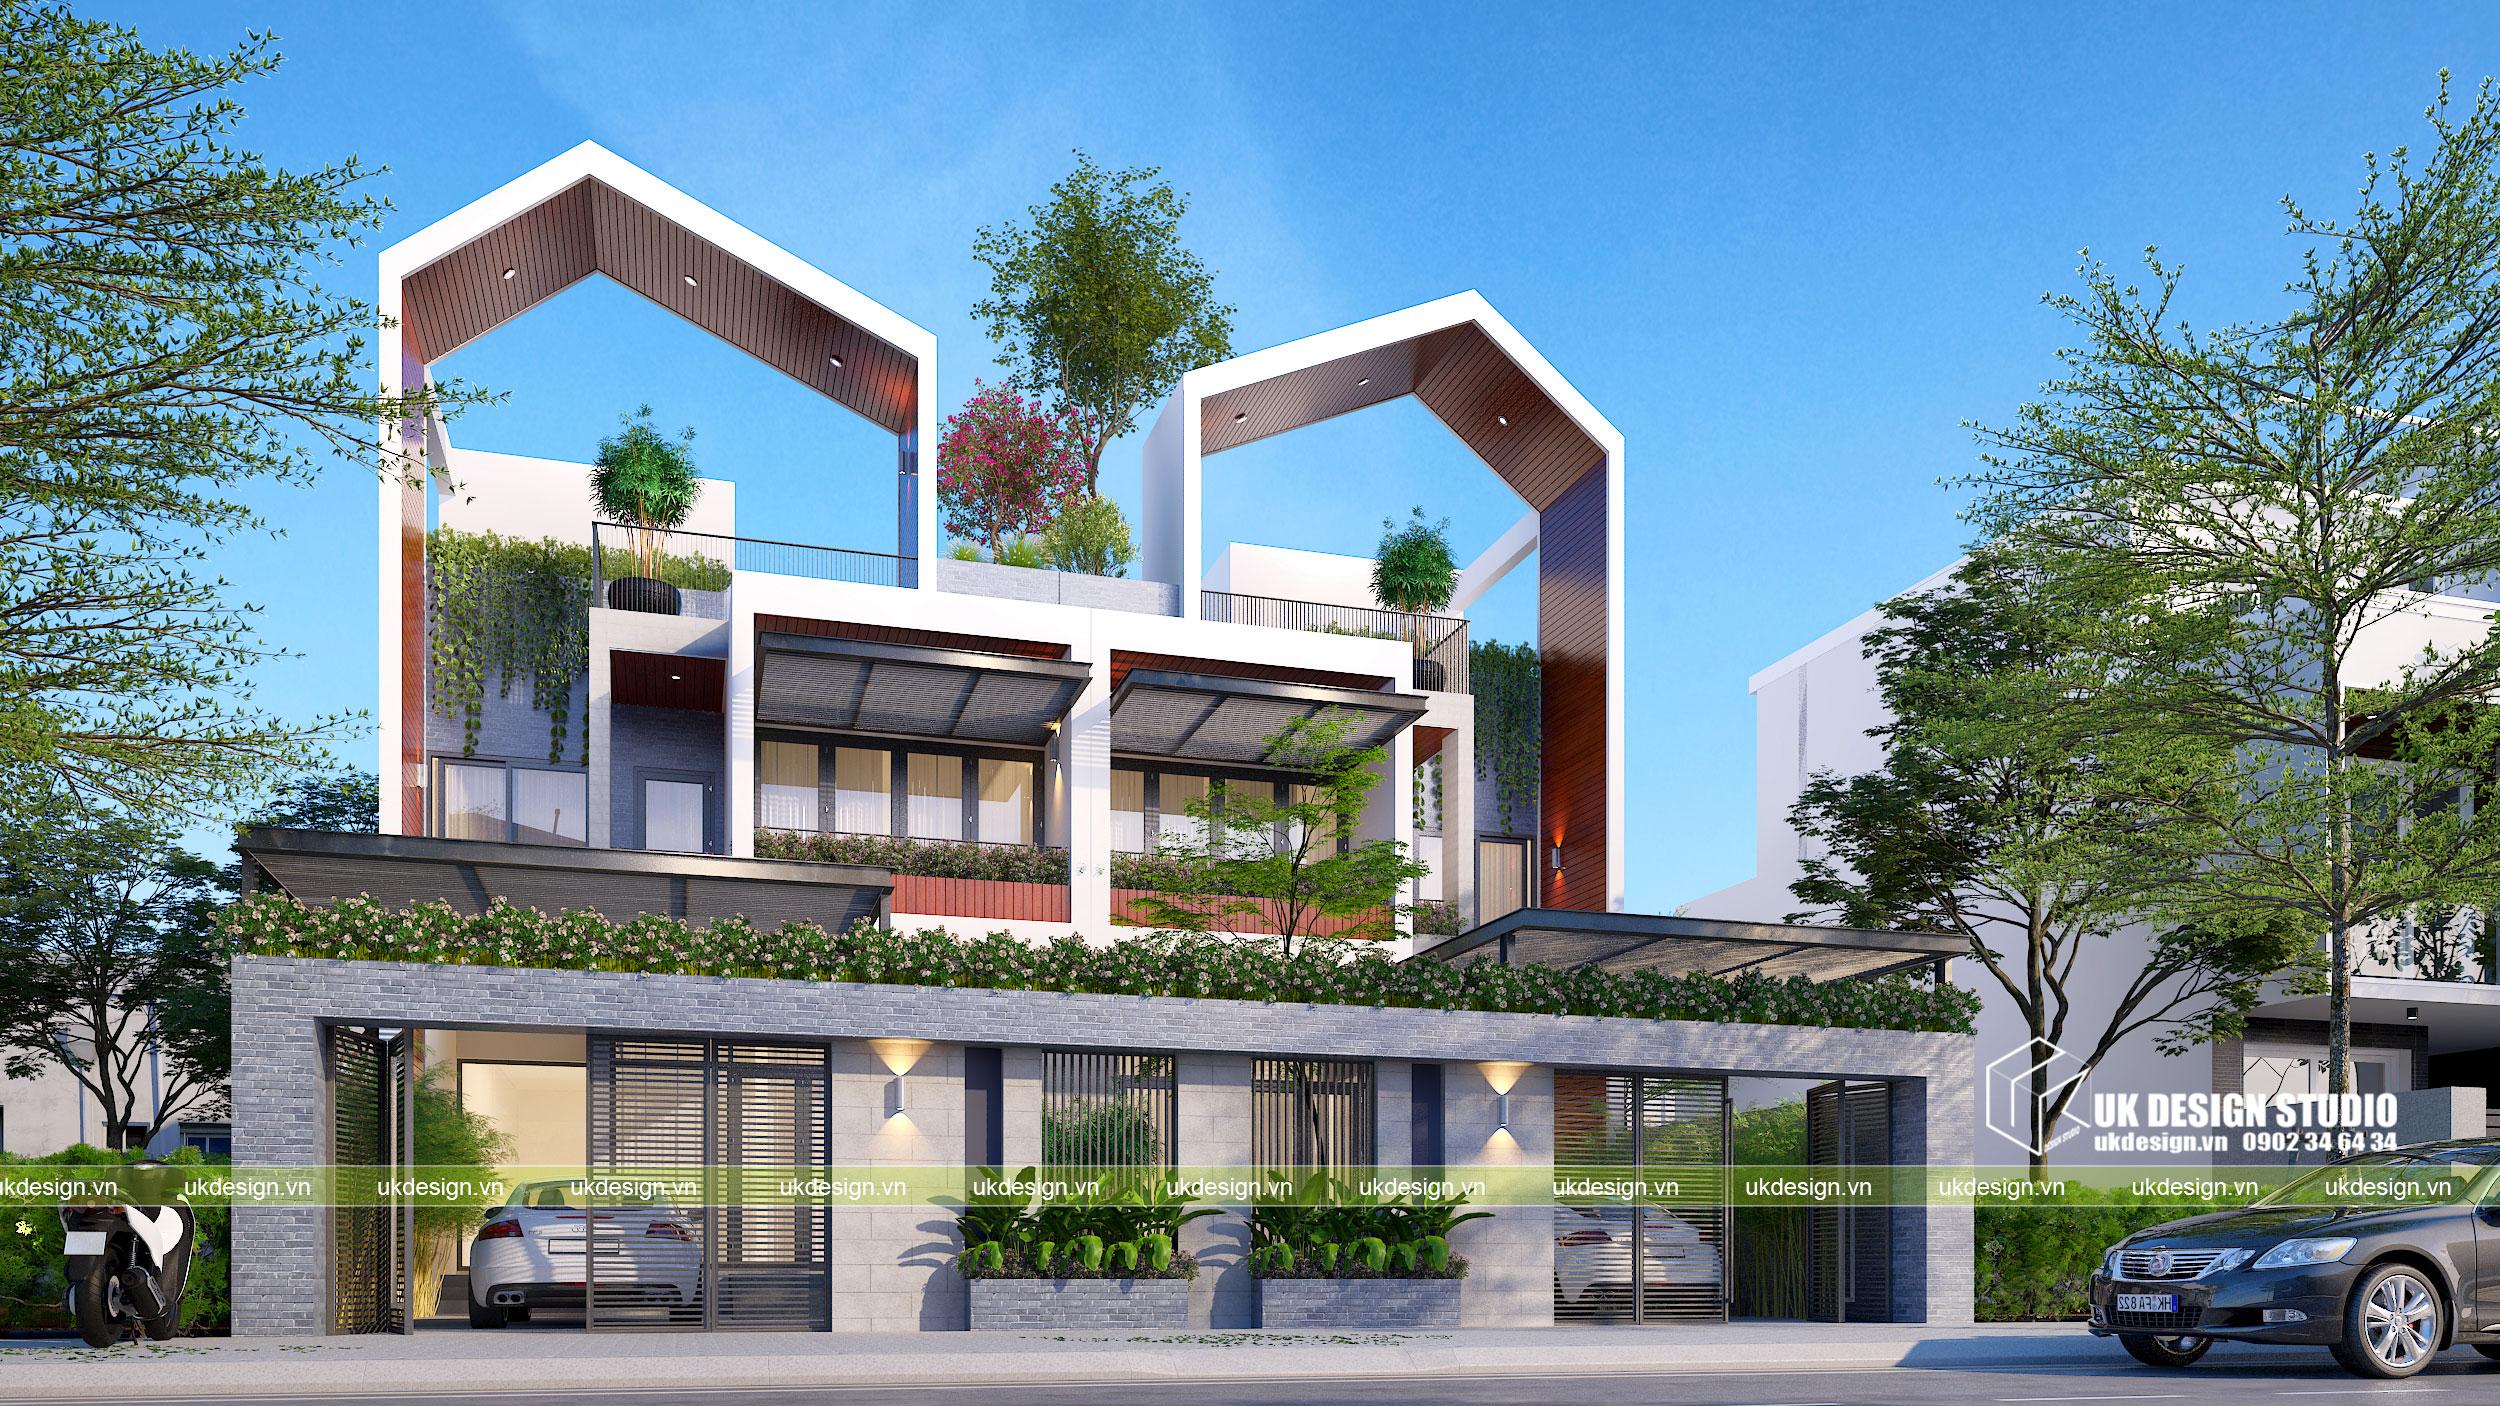 Thiết kế biệt thự song lập 2 tầng